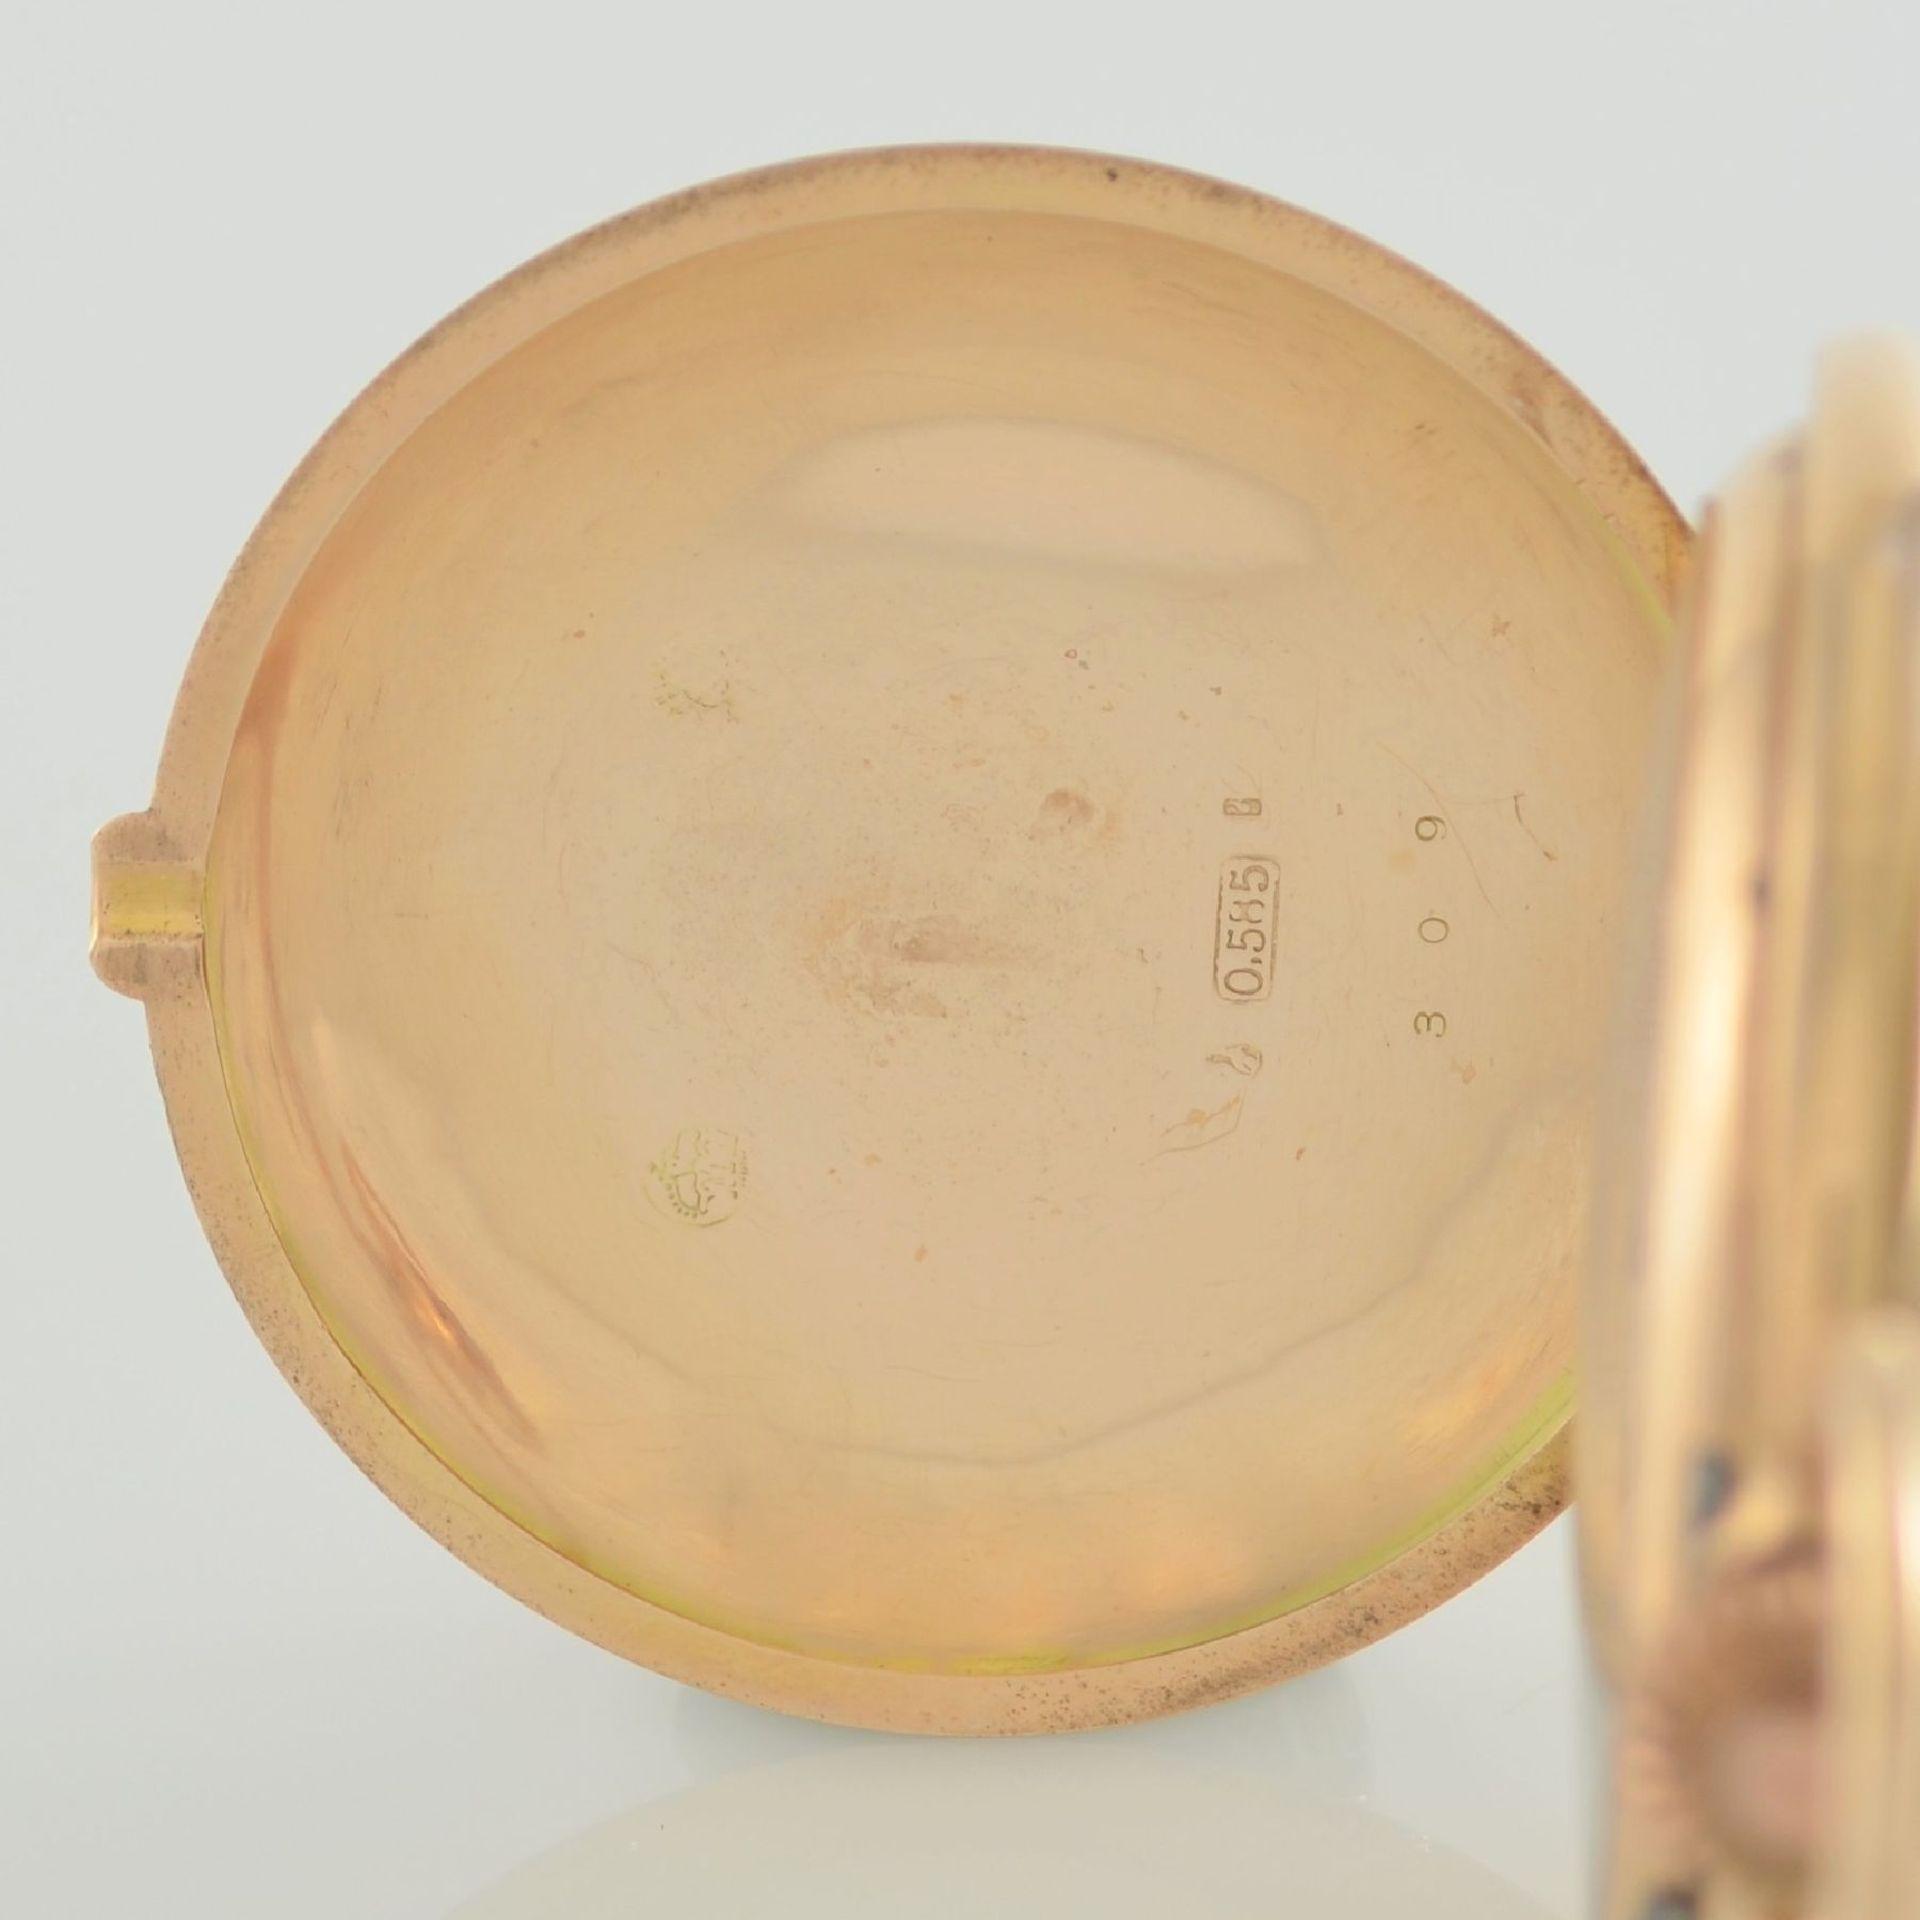 Herrensavonette in RG 585/000, Schweiz um 1900, guill. 3-Deckel Goldgeh. berieben/dell., à-goutte- - Bild 3 aus 7